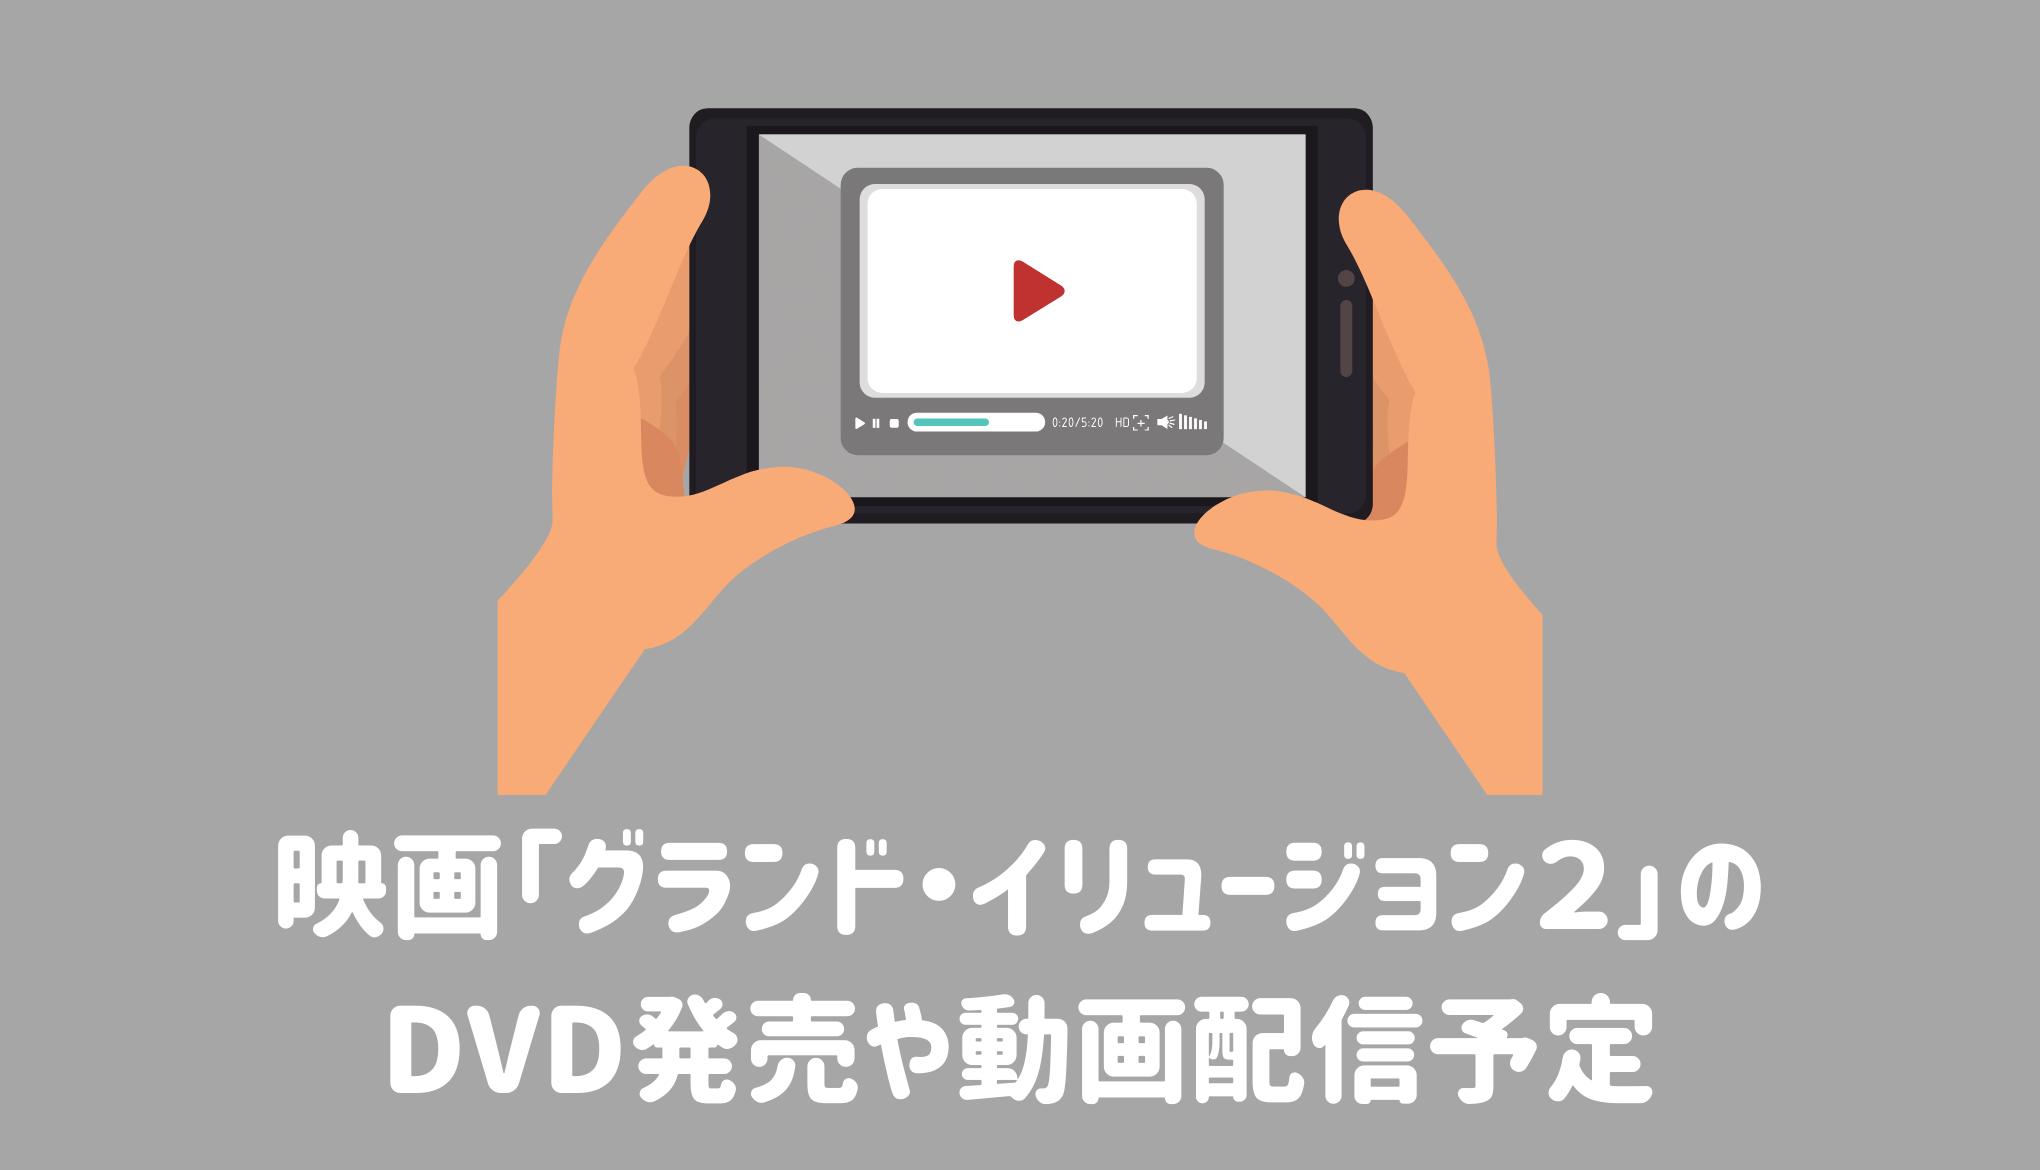 映画「グランド・イリュージョン 見破られたトリック」のDVD発売や動画配信予定をチェック